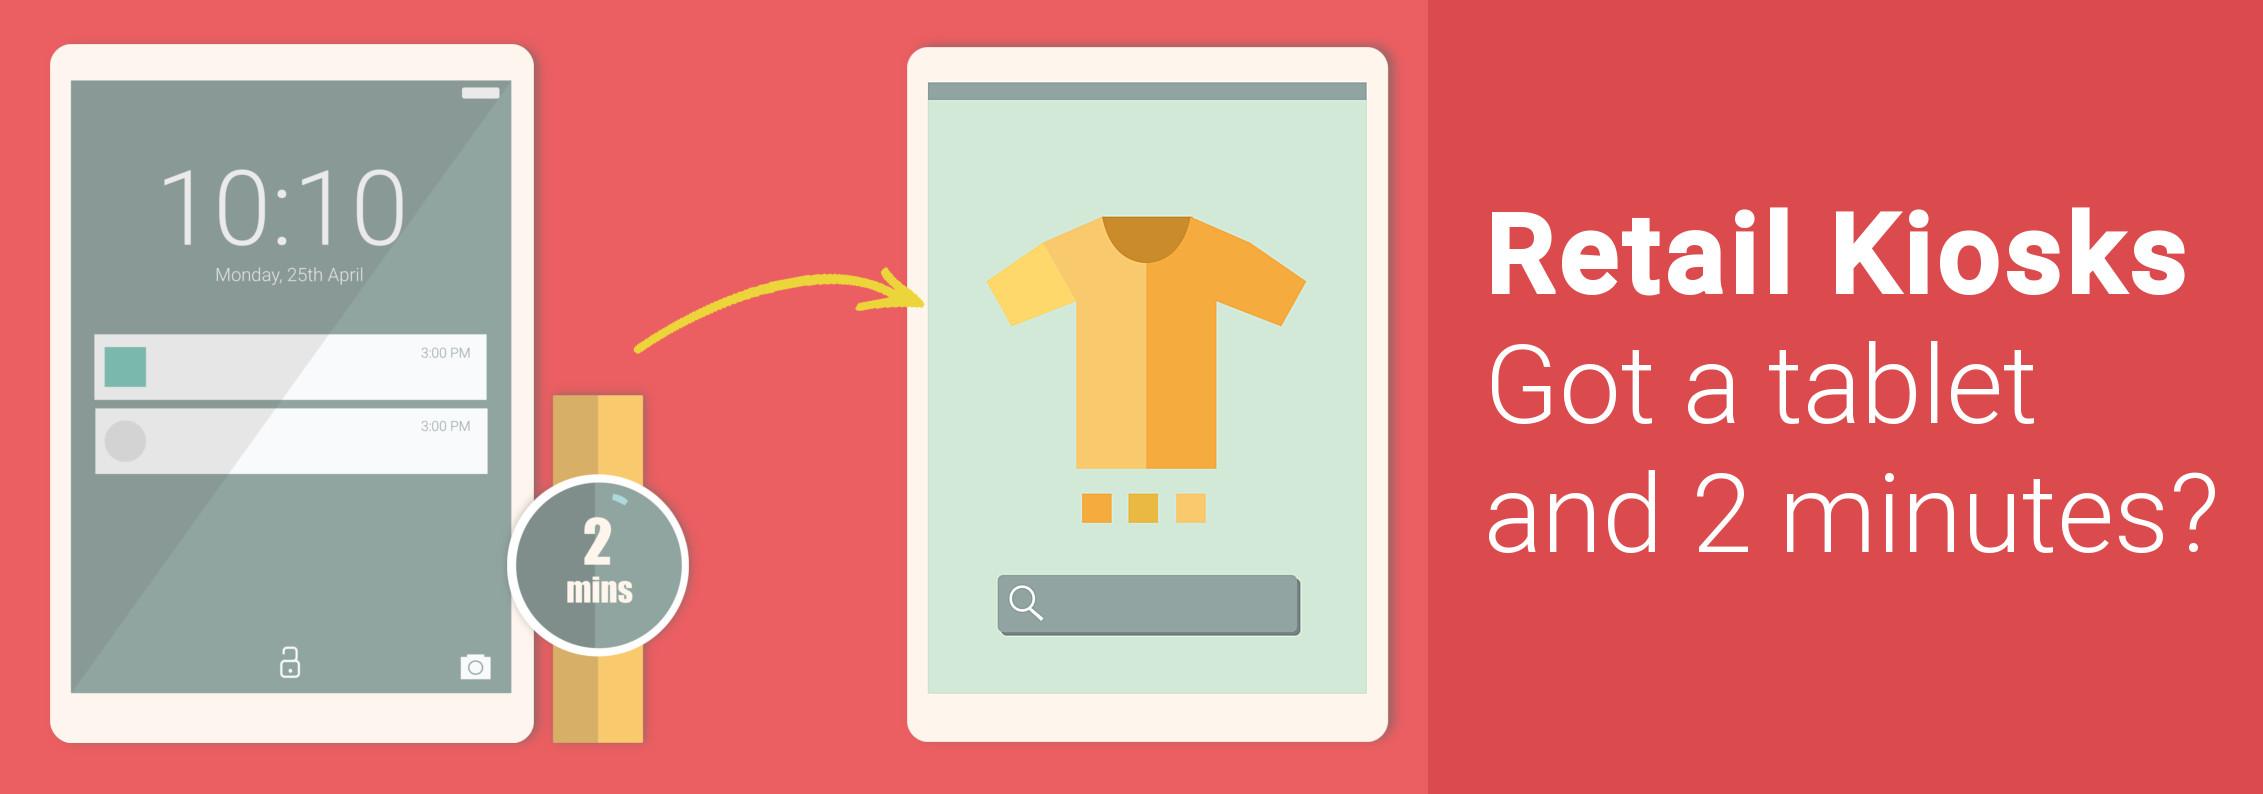 retail-kiosks-two-minutes-blog